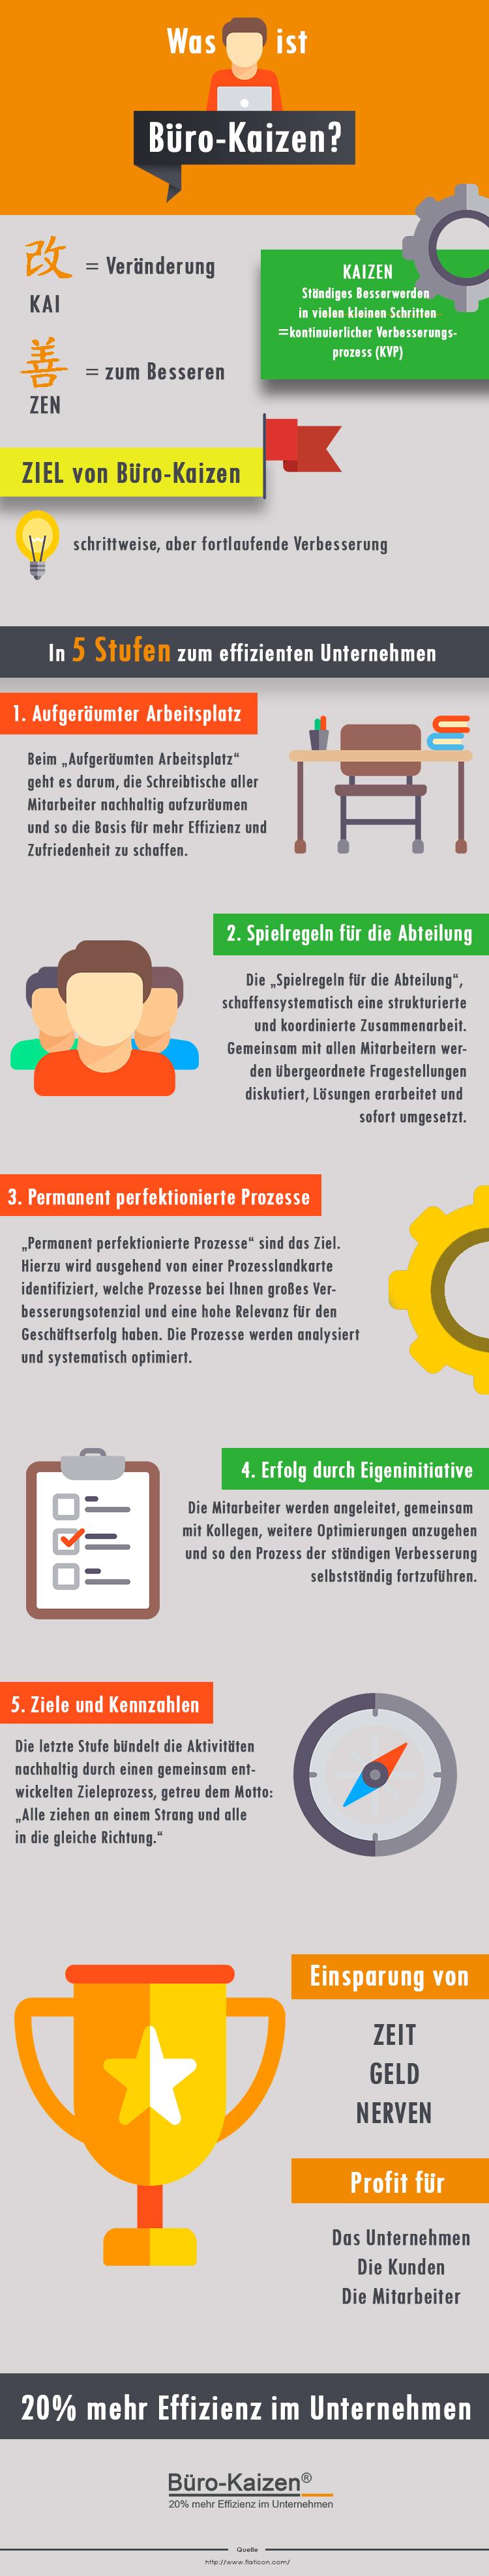 infografik-was-ist-buero-kaizen